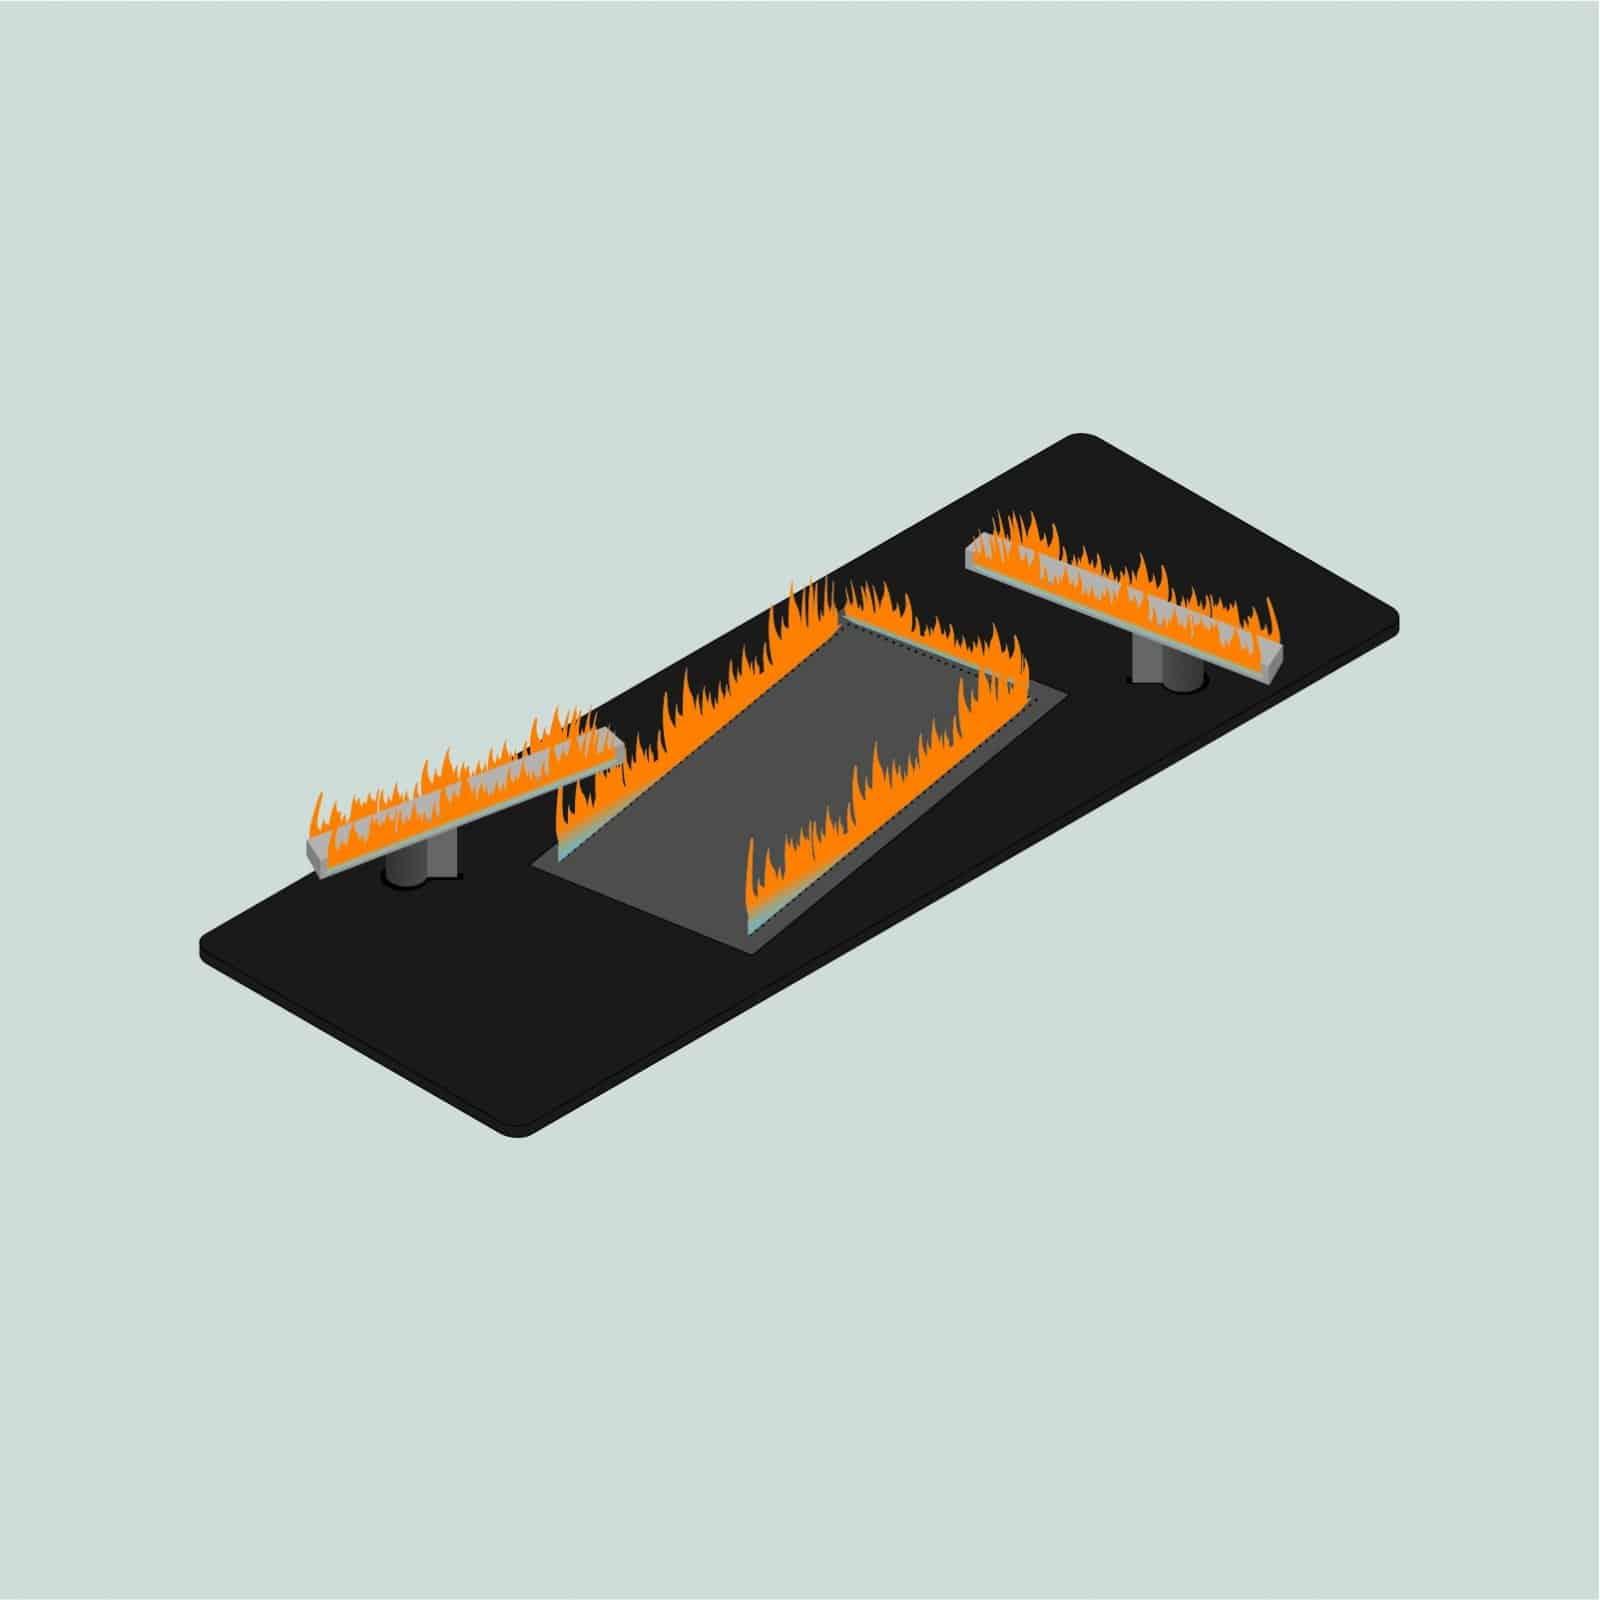 Element4-brænder-2-brænder-newburner2-philippejse